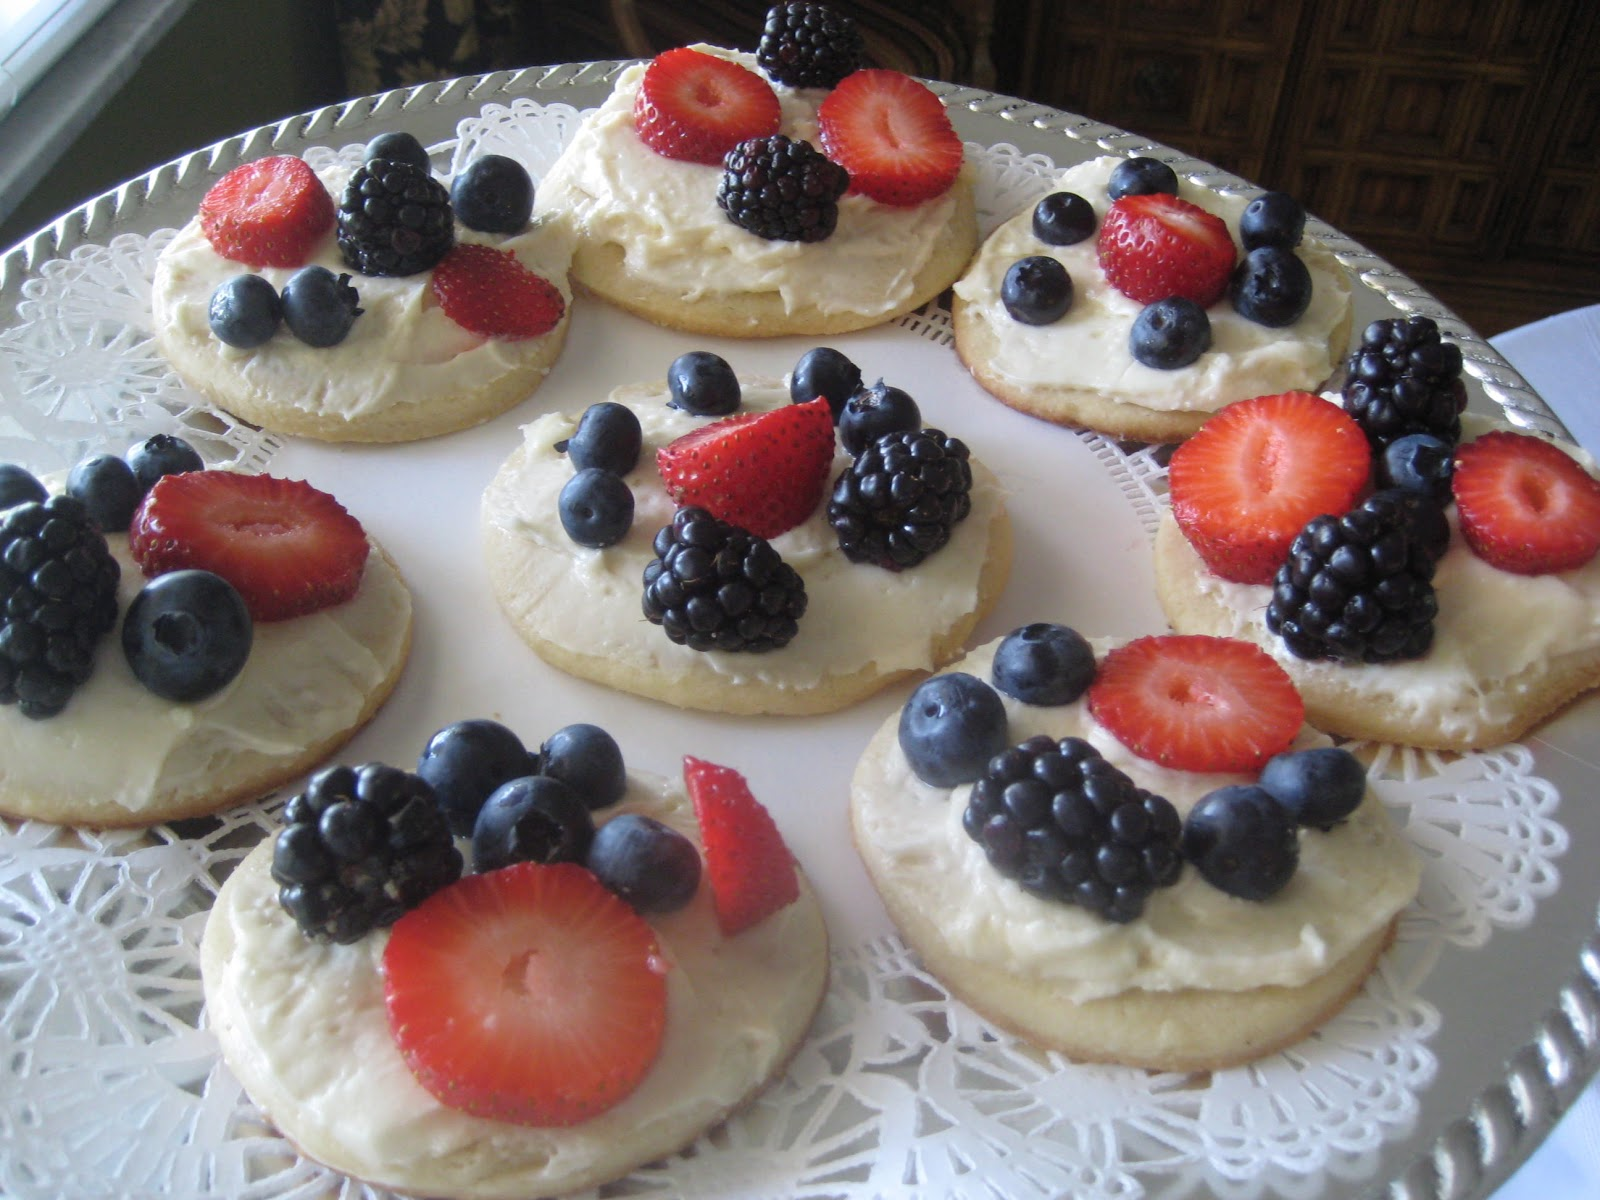 tidwell test kitchen: Mini Fruit Pizza Sugar Cookies